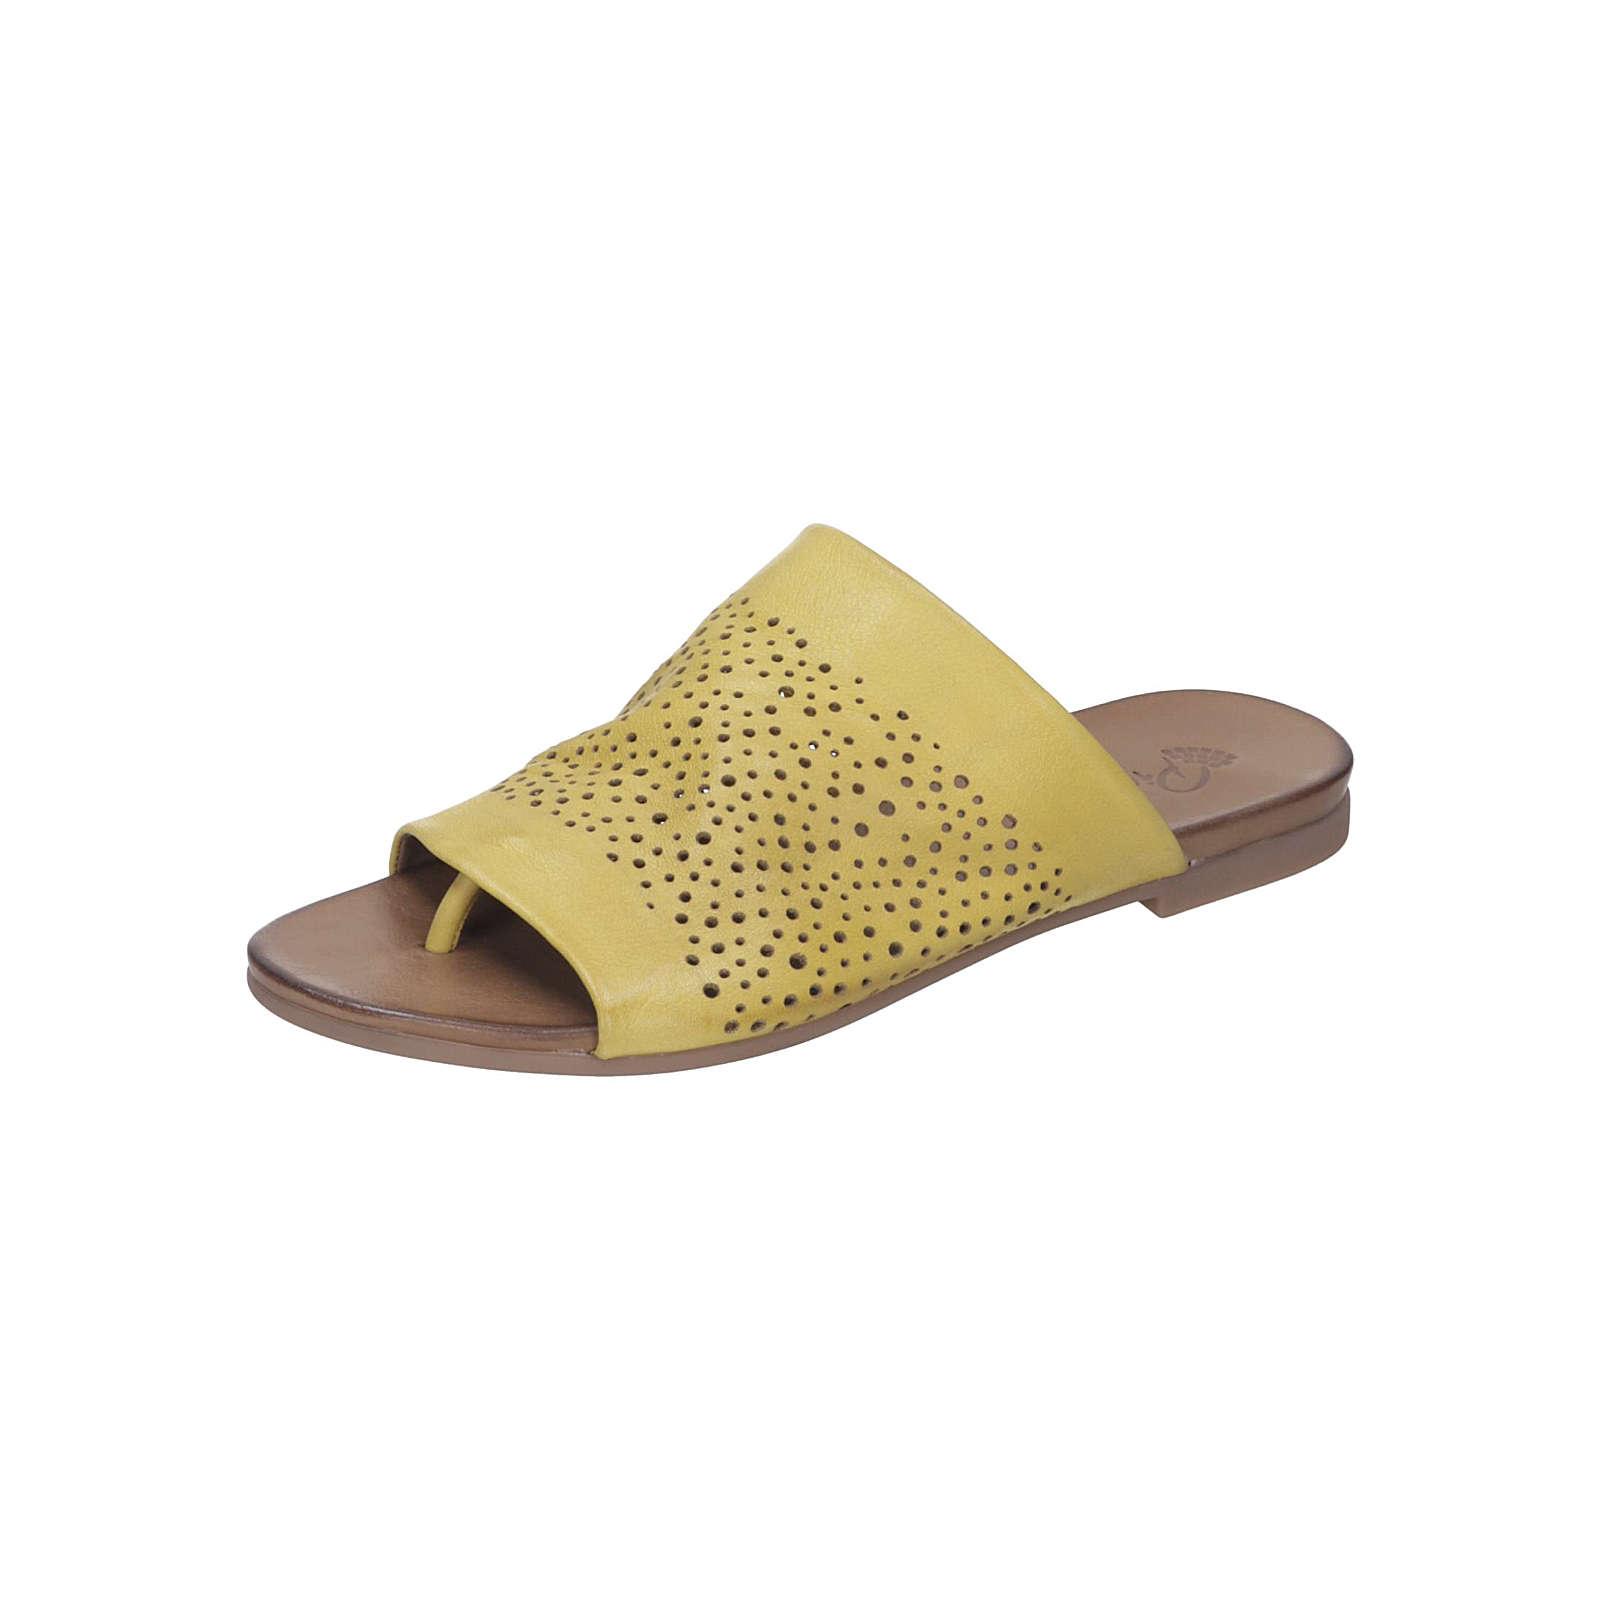 Piazza Damen Pantolette Pantoletten gelb Damen Gr. 37